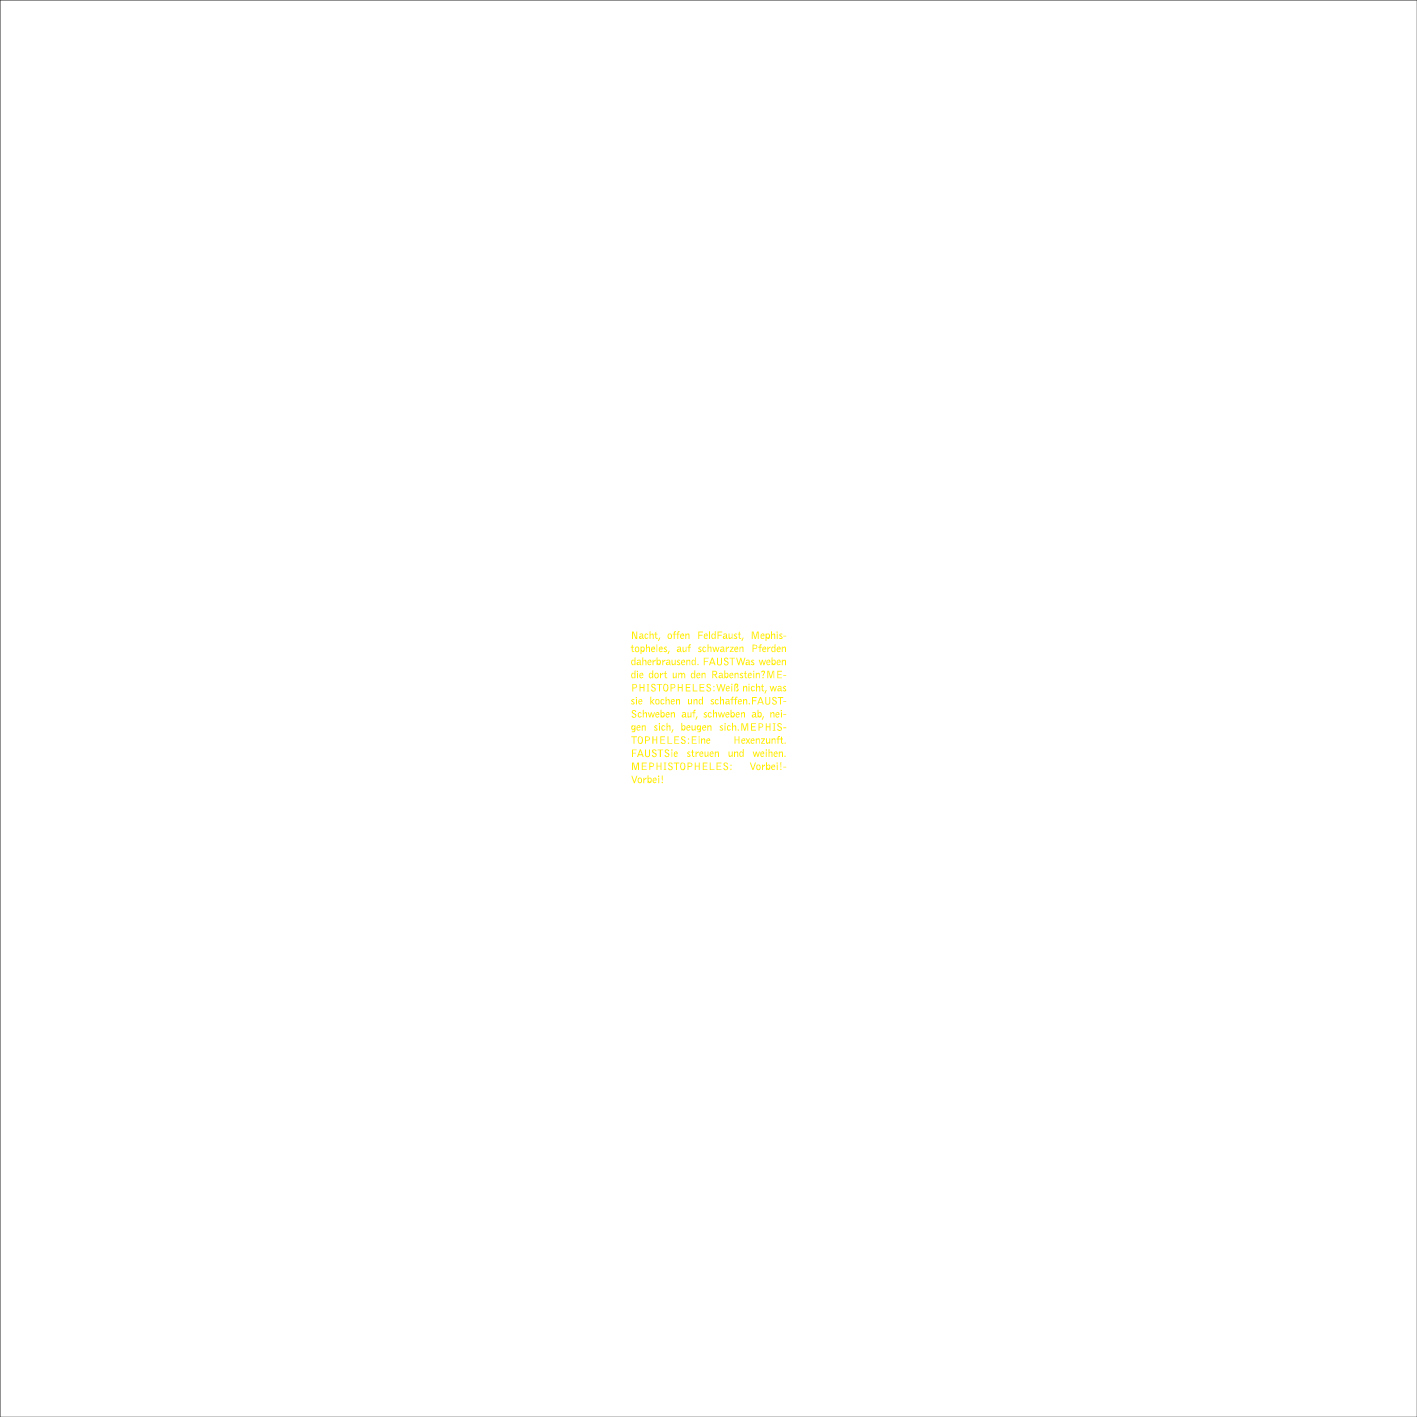 Faustisches Quadrat - Kap Einl_u_Hauptteil einzel27